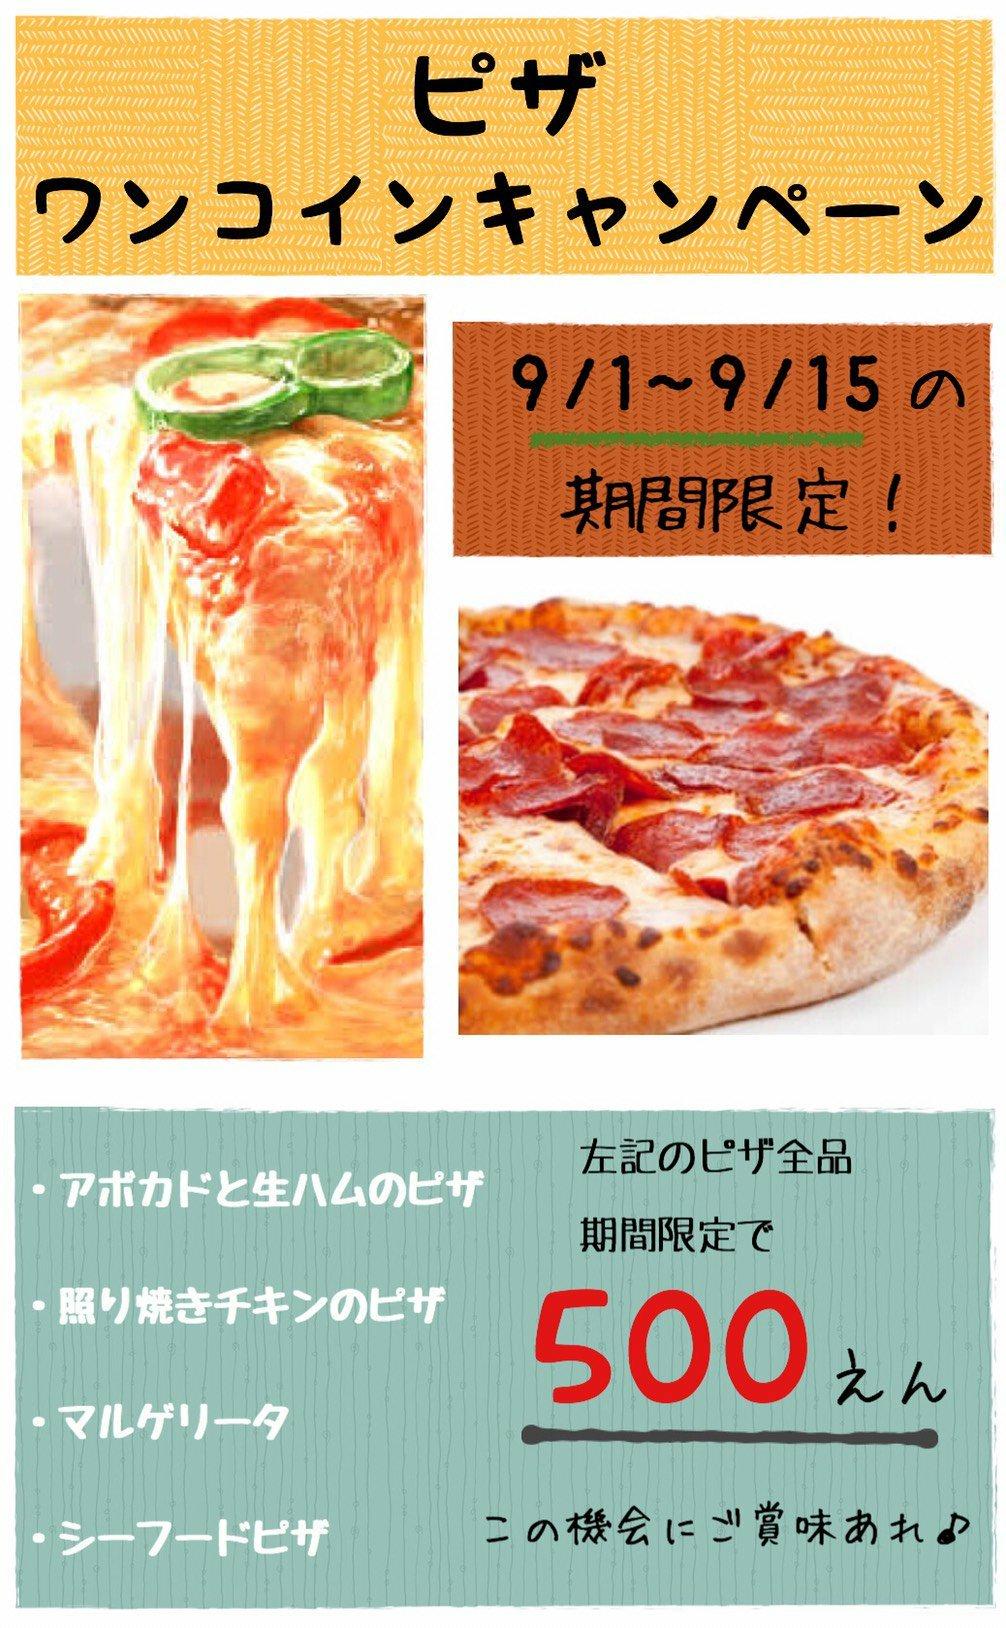 ピザ500円キャンペーンでオススメなのは…(りゅうのすけ/龍翔)【ダイニングバー楽都】